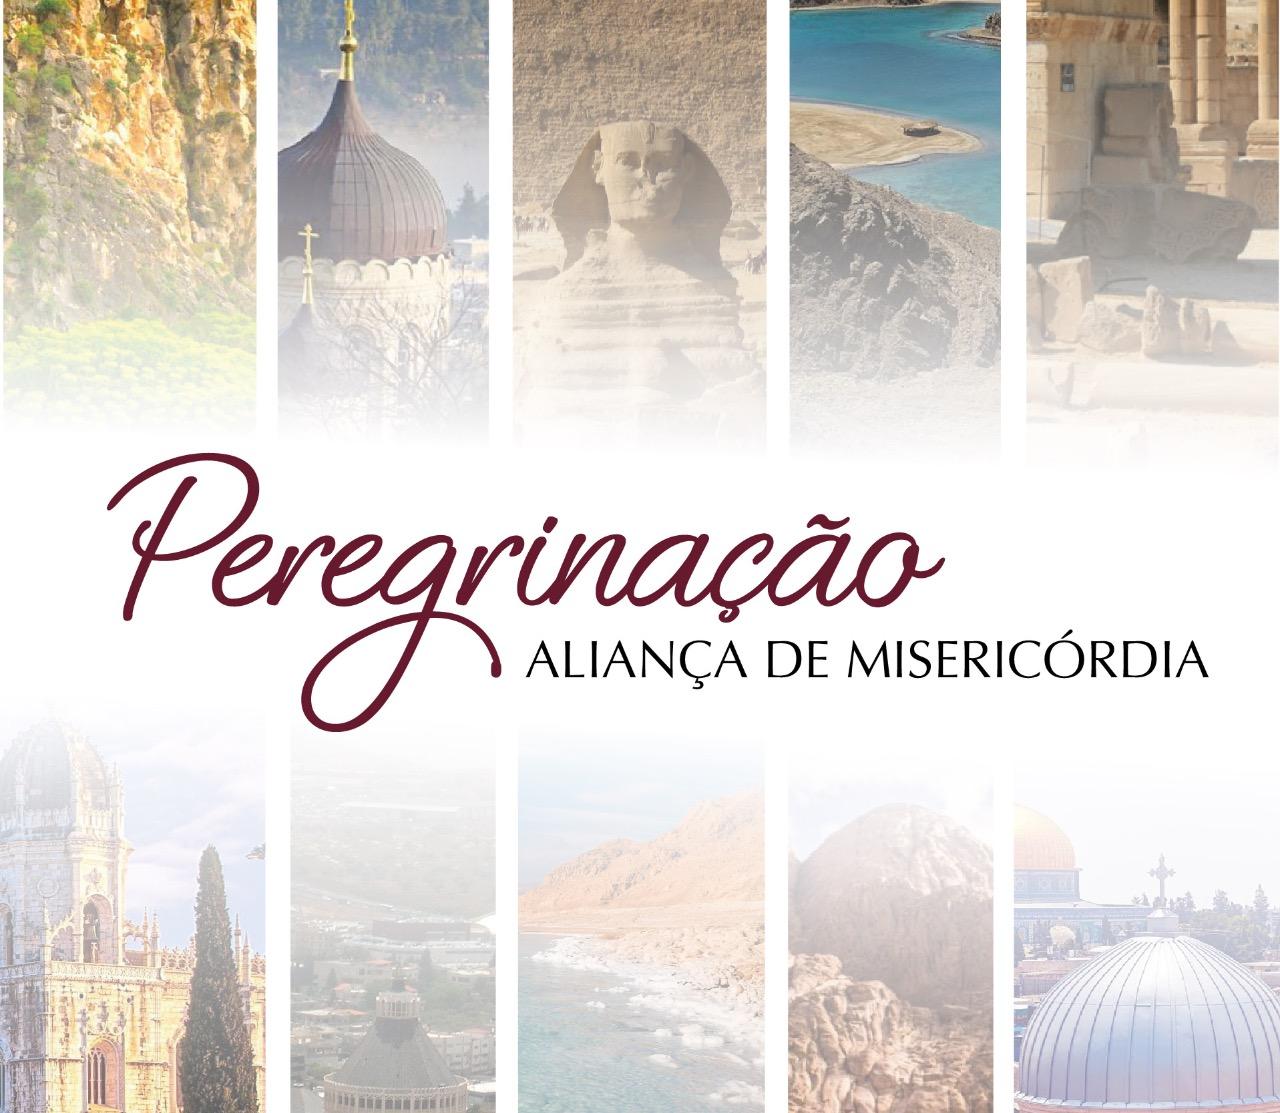 Banner da Peregrinação da Aliança de Misericórdia